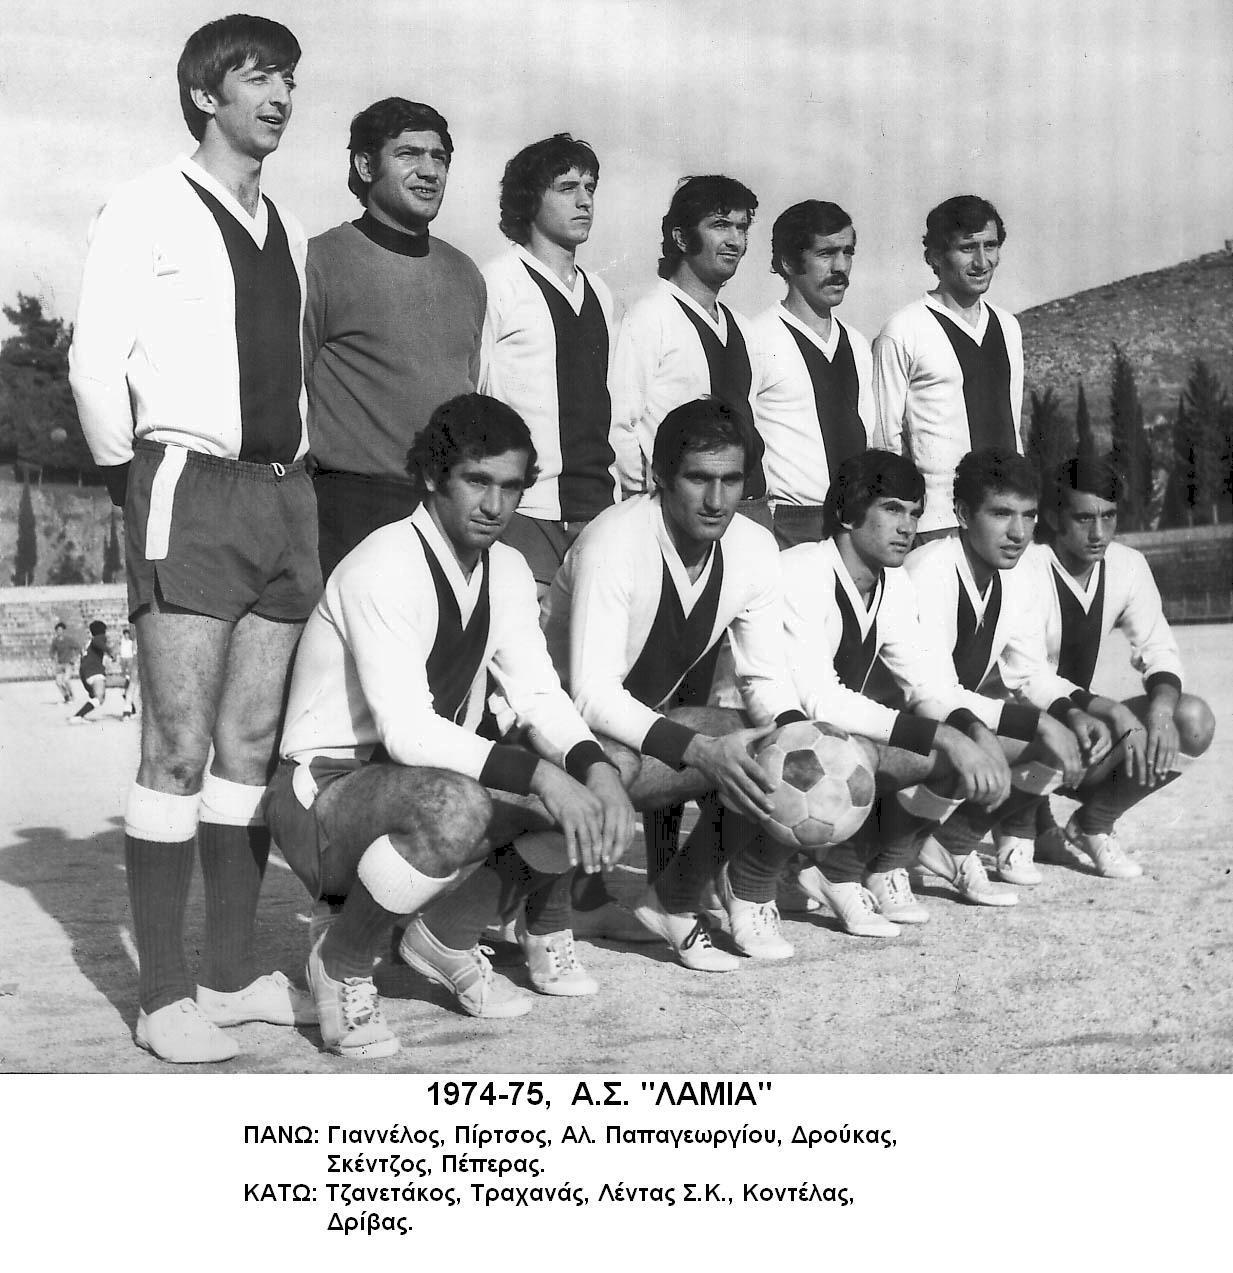 aslamia197475.jpg